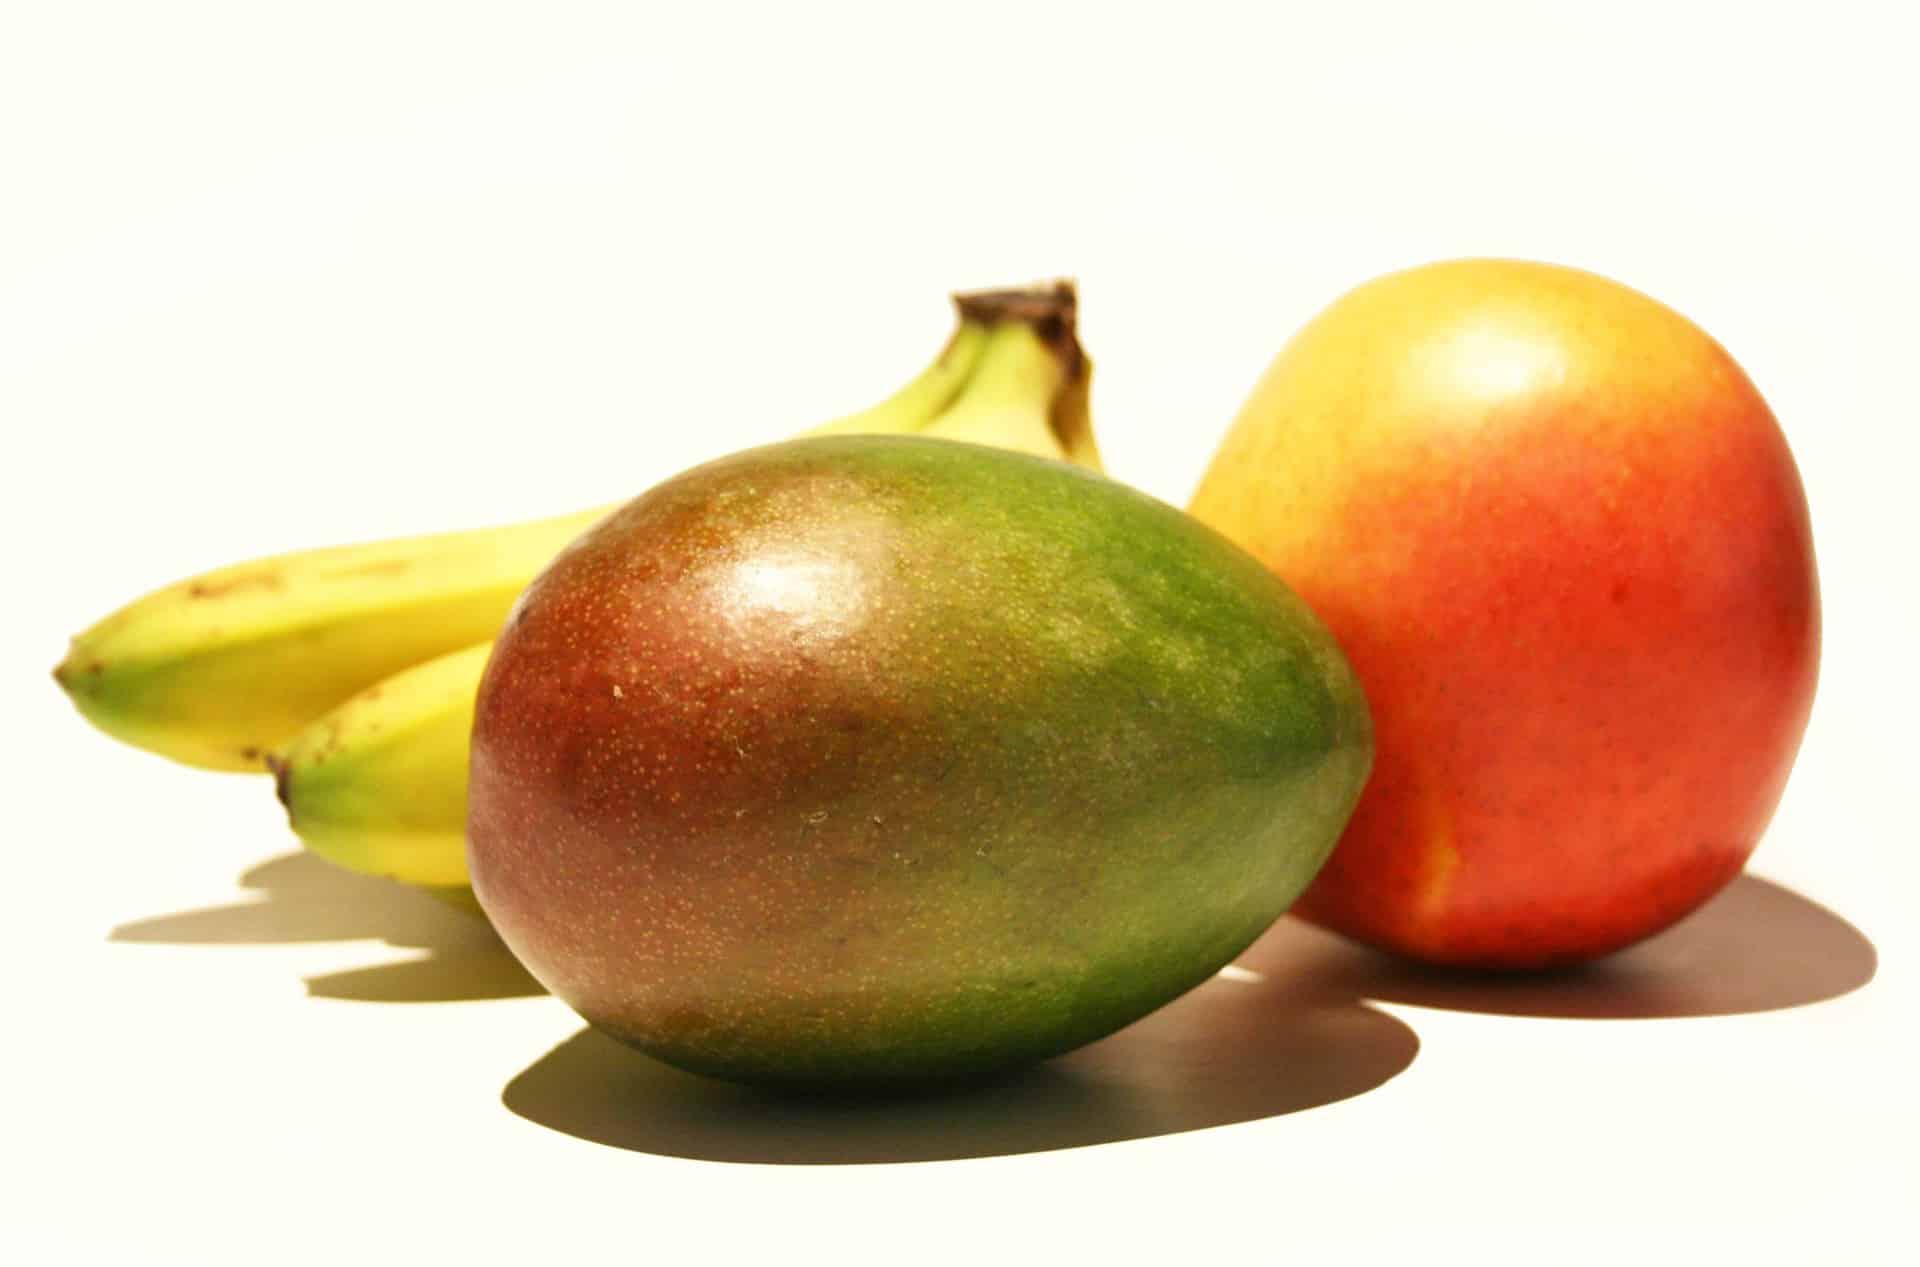 Mango i banana na bijeloj pozadini. Mango posebno obiluje mircenom.